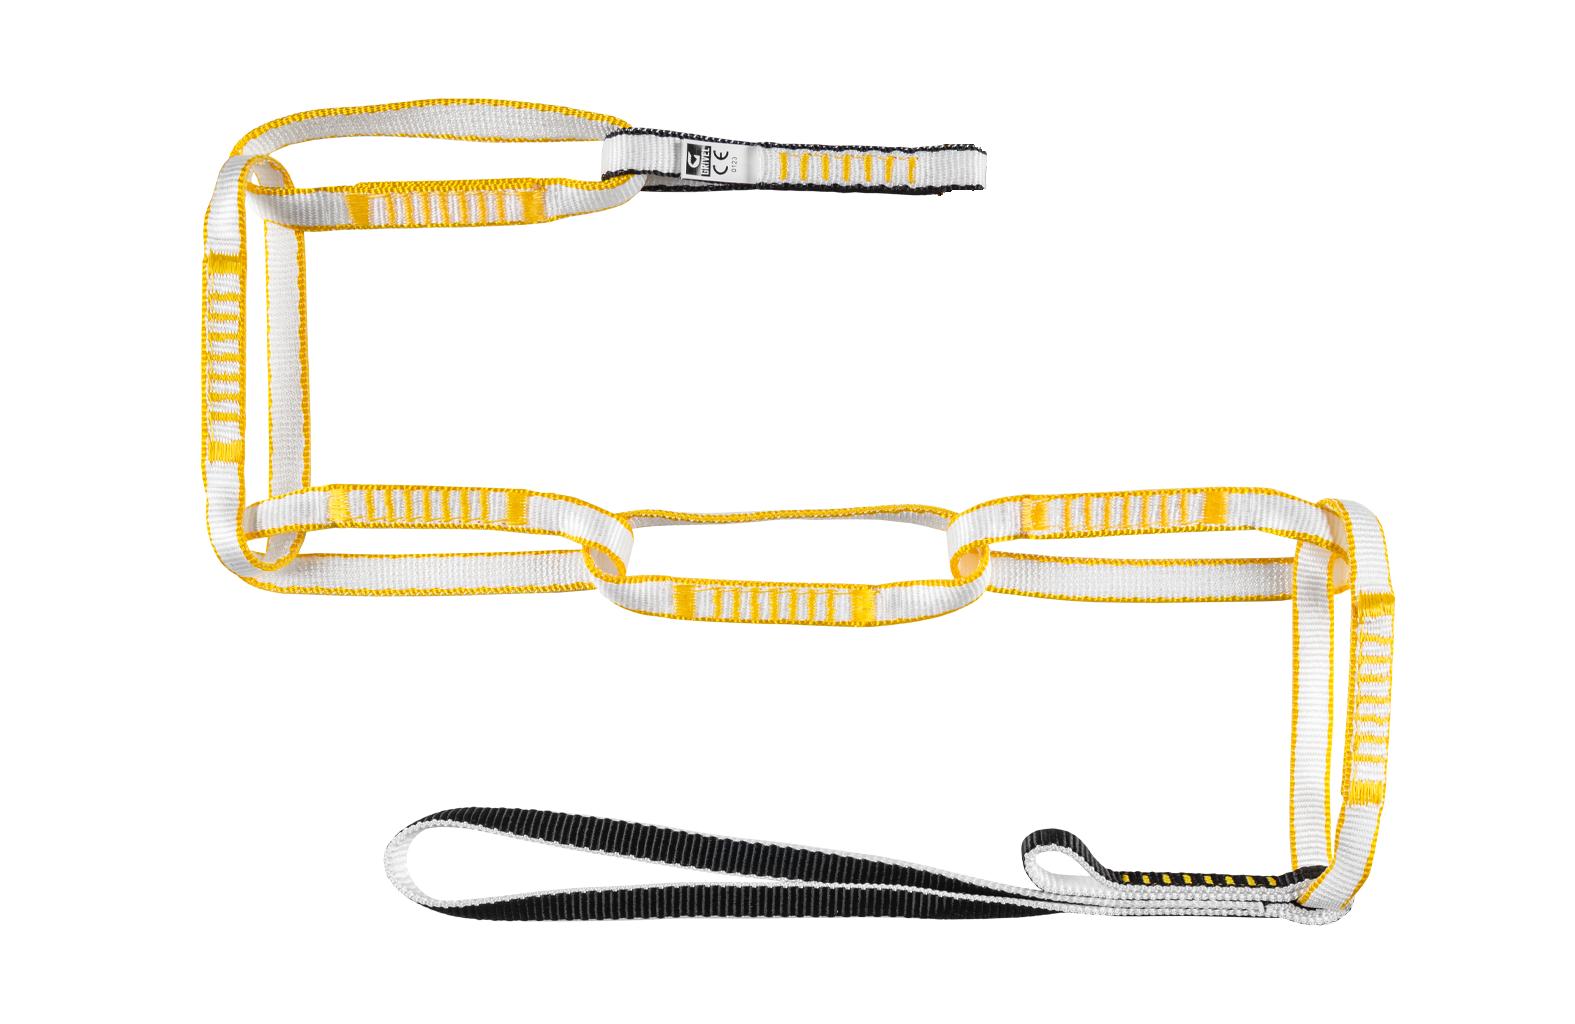 Grivel Daisy Chain Evo 125cm